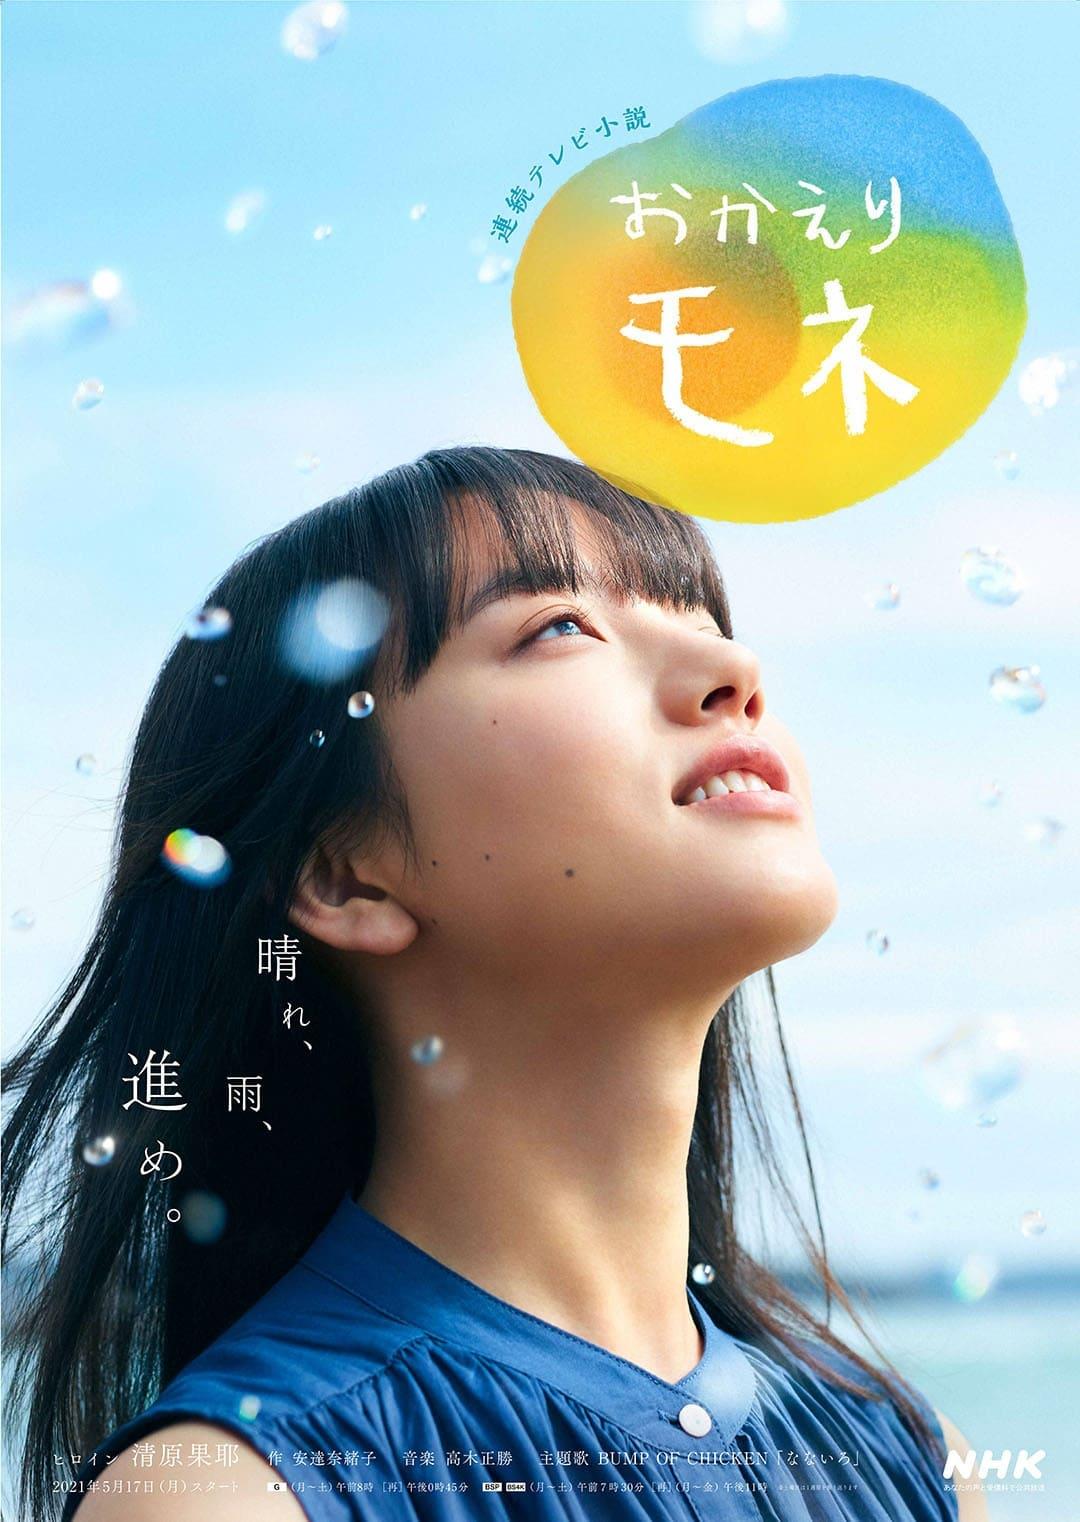 おかえりモネ TV Shows About Japan